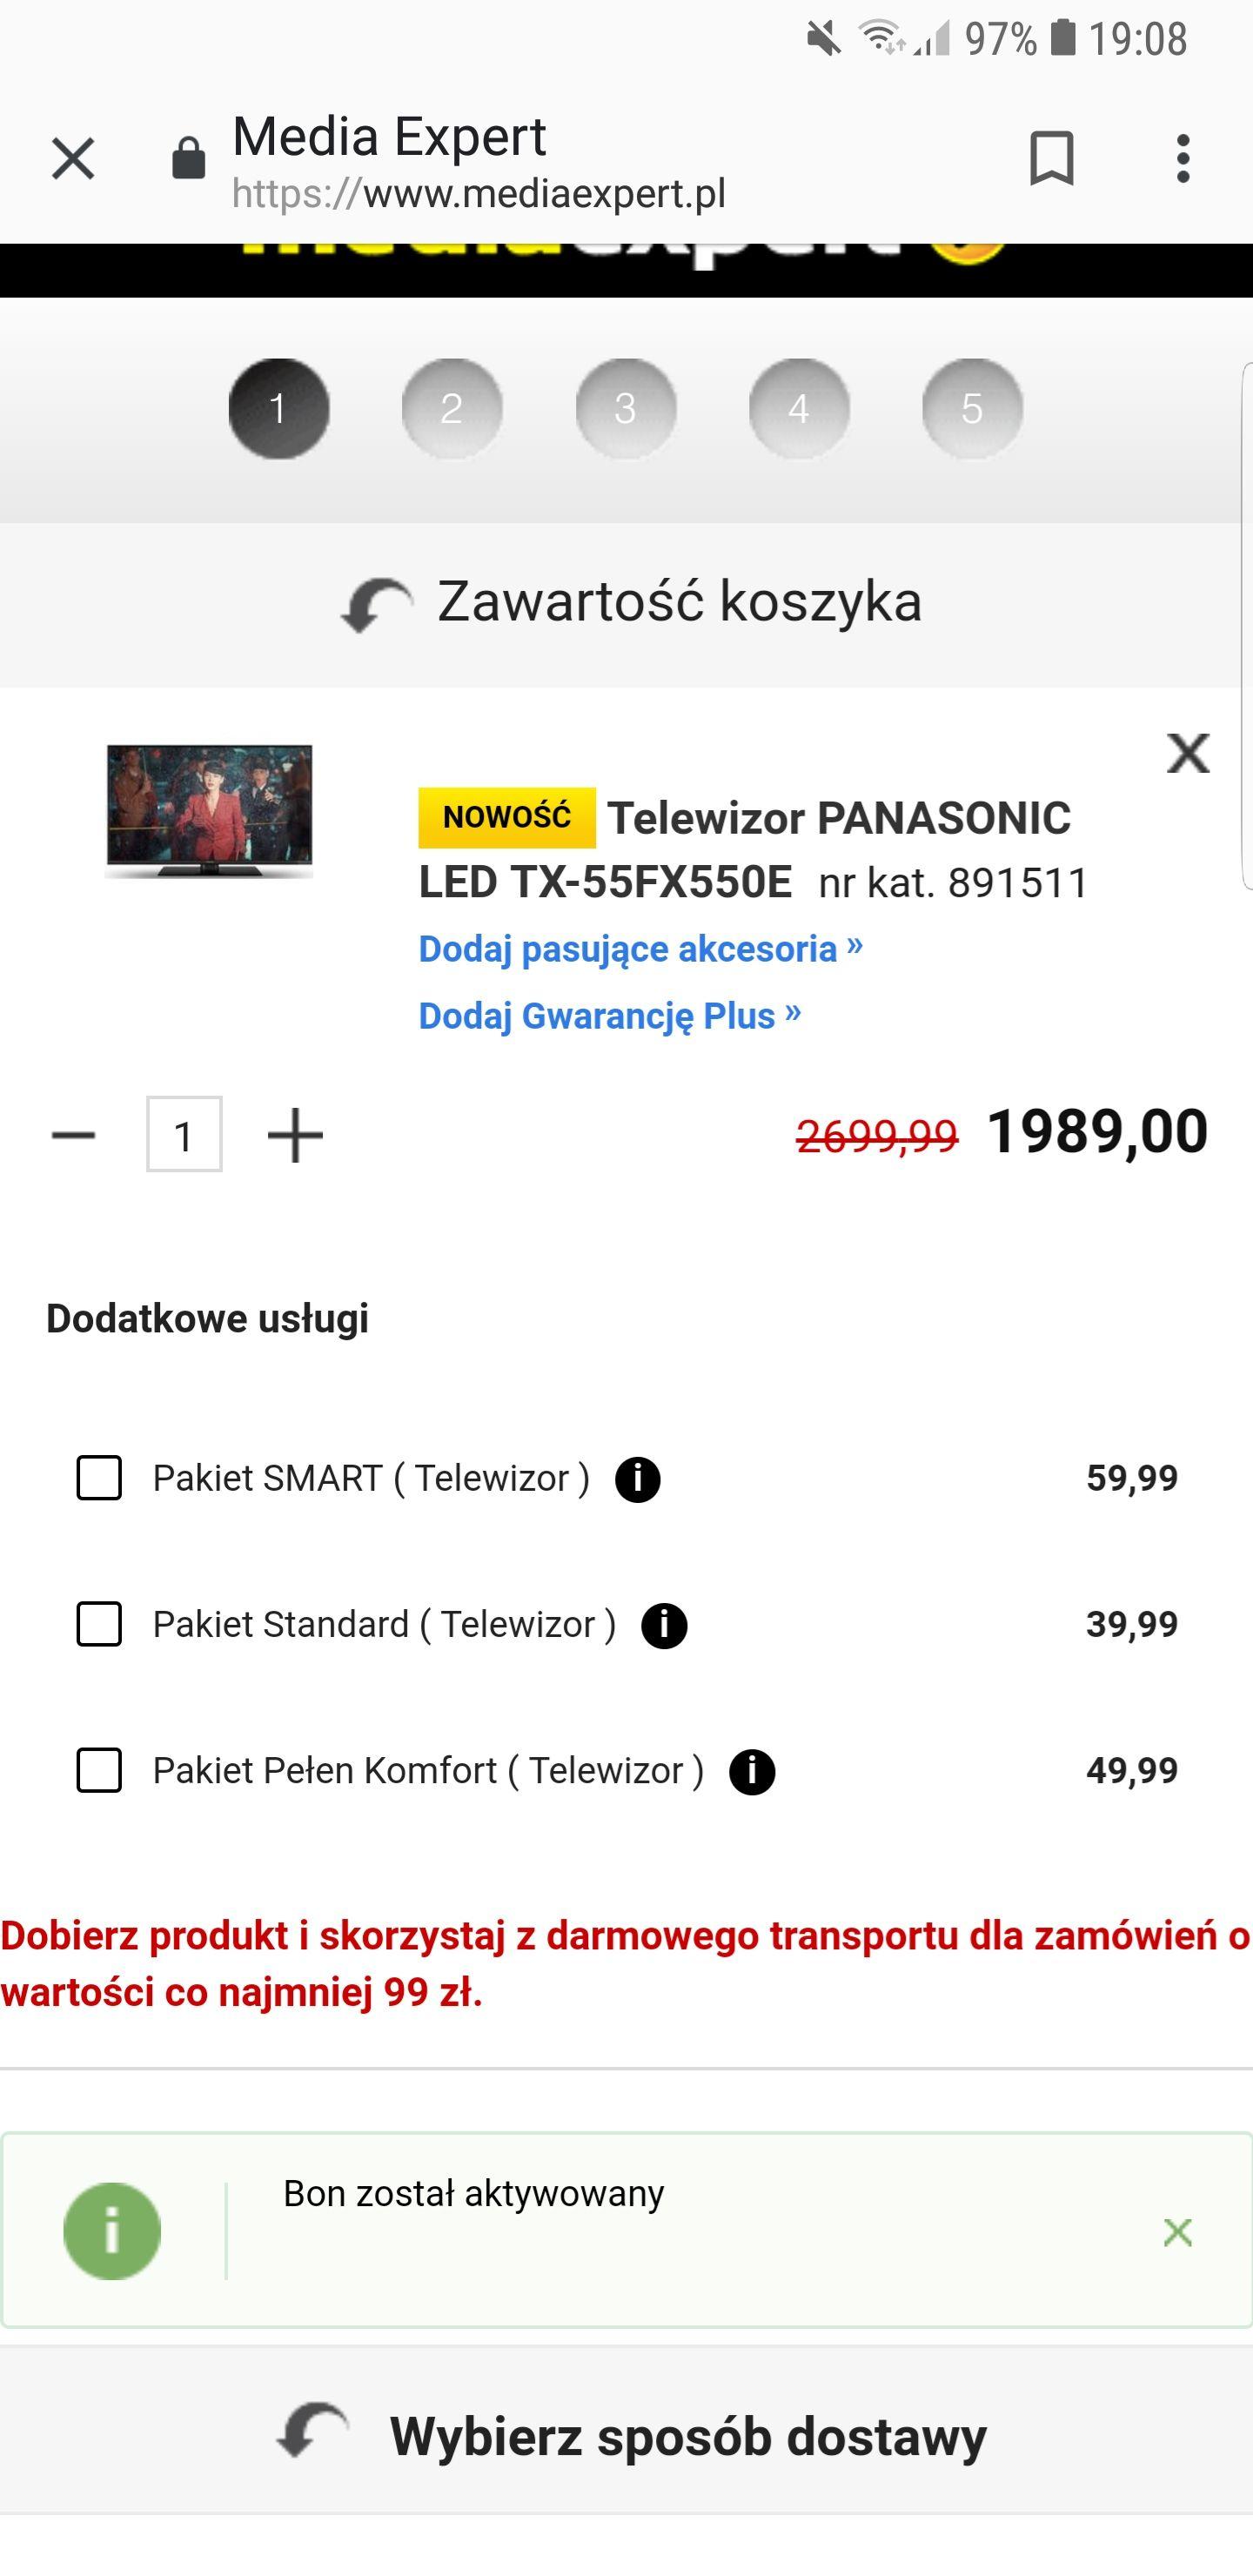 Telewizor Panasonic- wietrzenie magazynów Media Expert